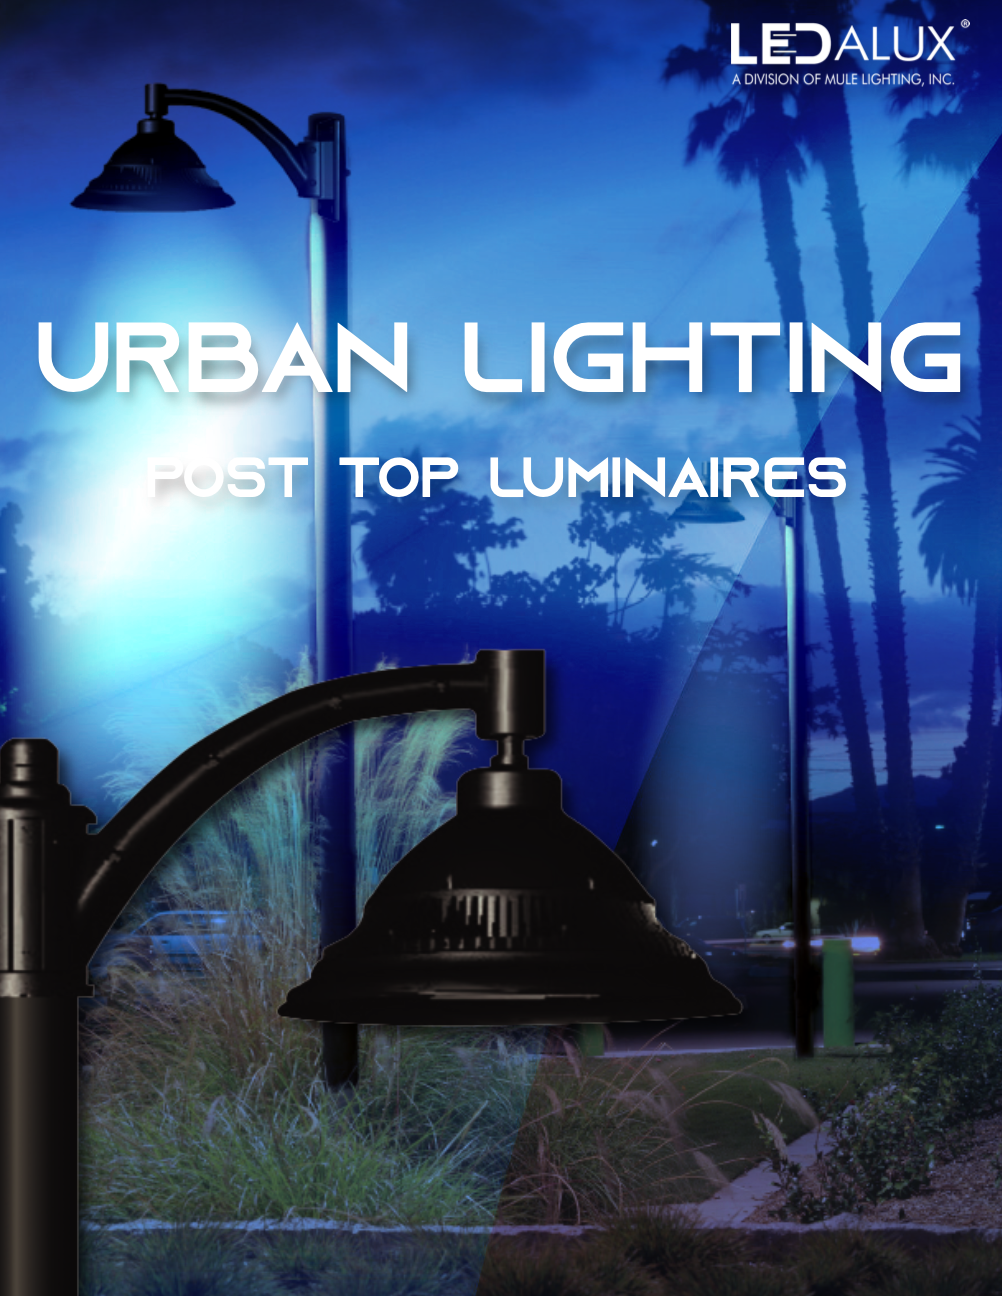 LEDalux Urban Lighting Literature